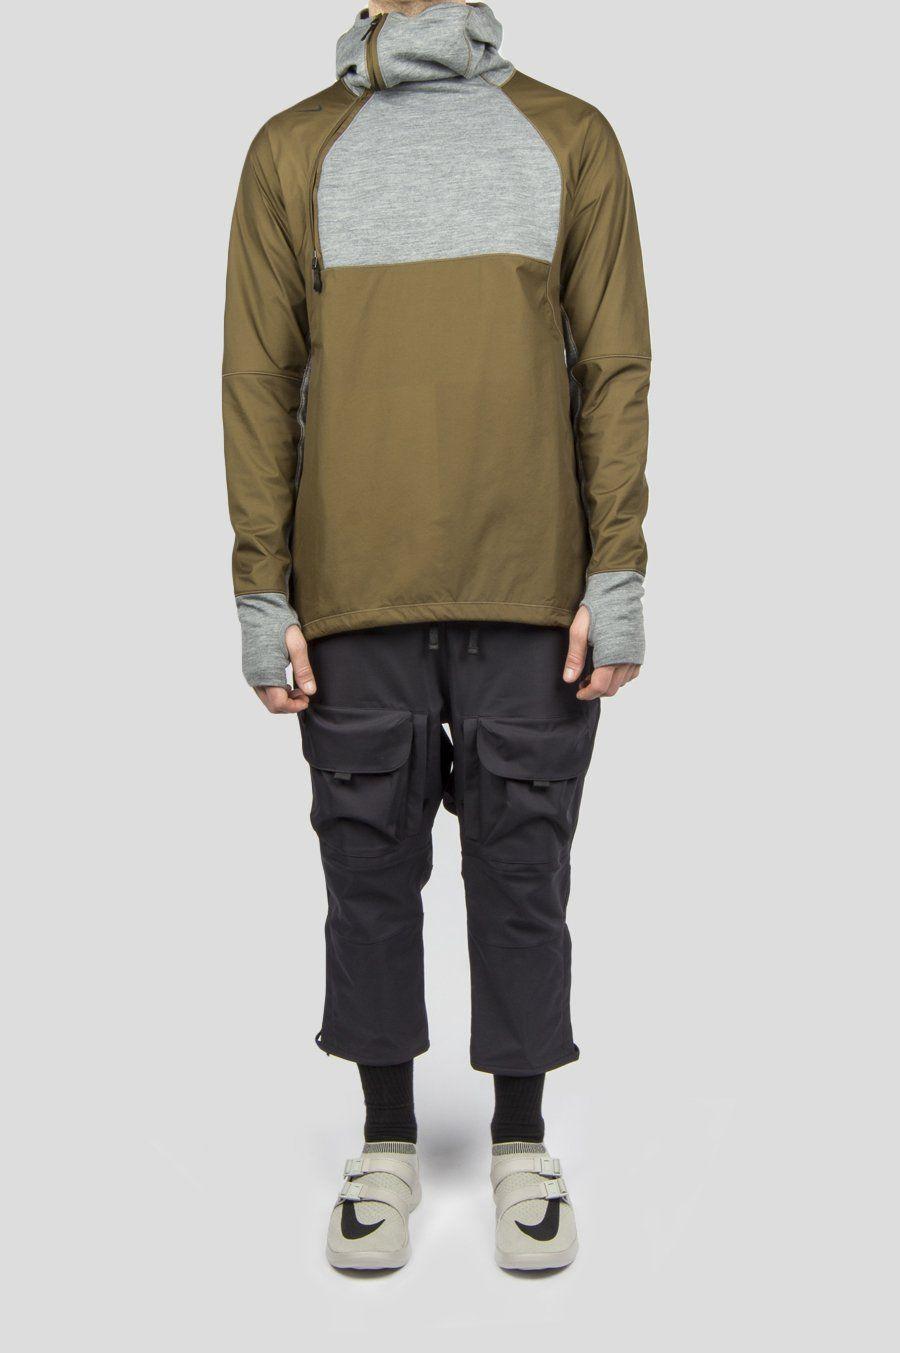 62bdd224545 NIKELAB AAE 1.0 3/4 CARGO PANT OILED GREY   F19   Cargo pants, Pants ...